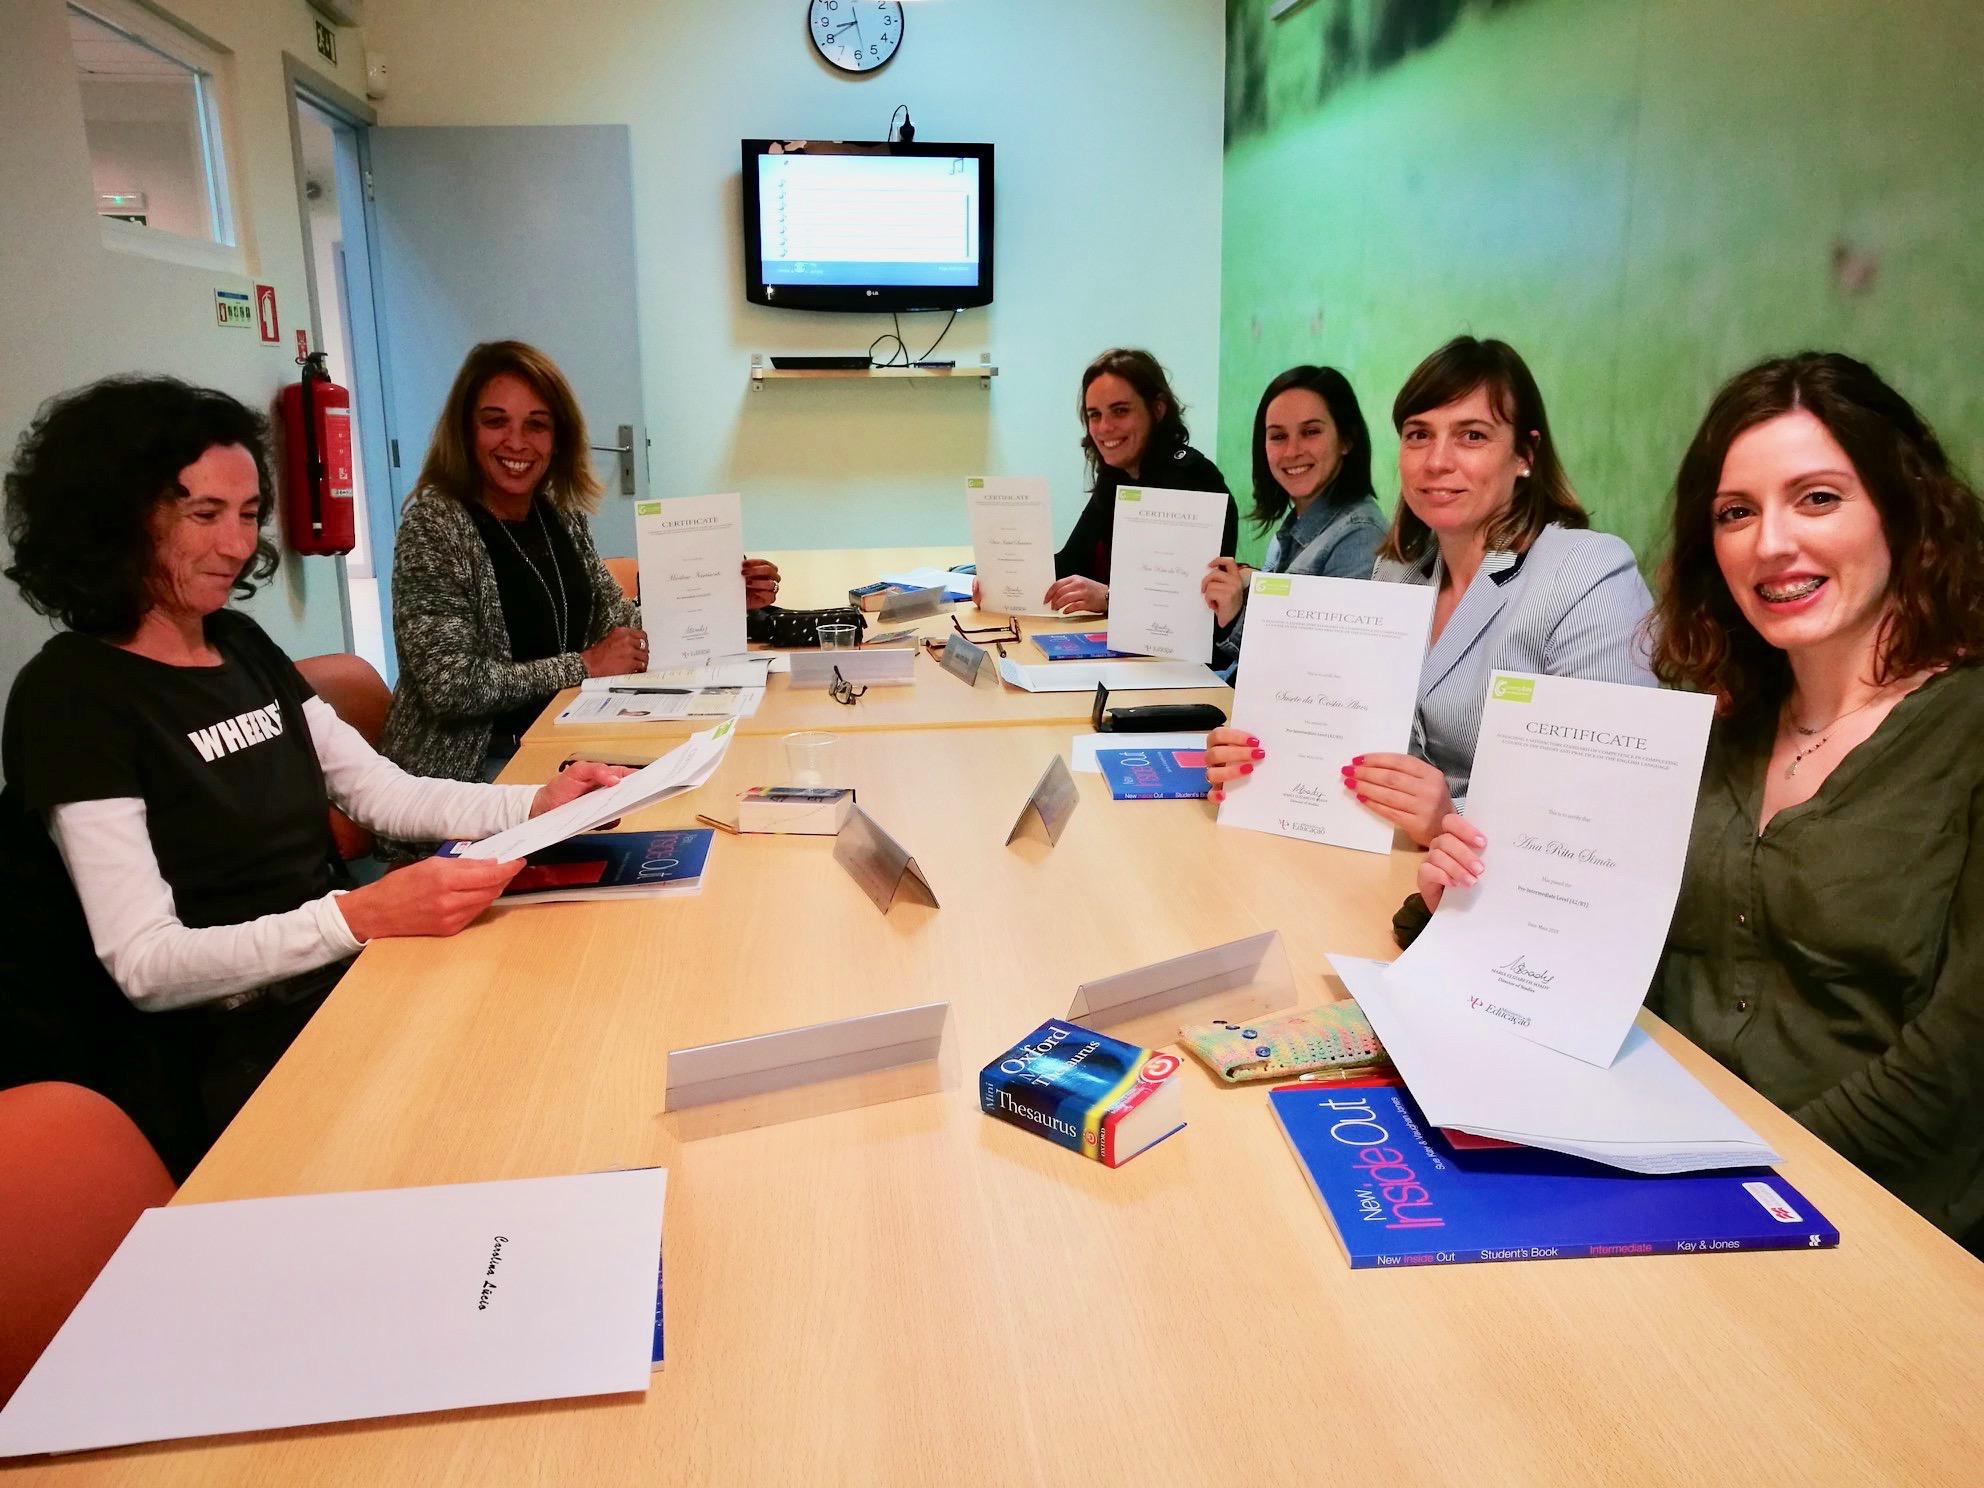 Entrega de Diplomas aos Estudantes do Curso Pré-intermédio